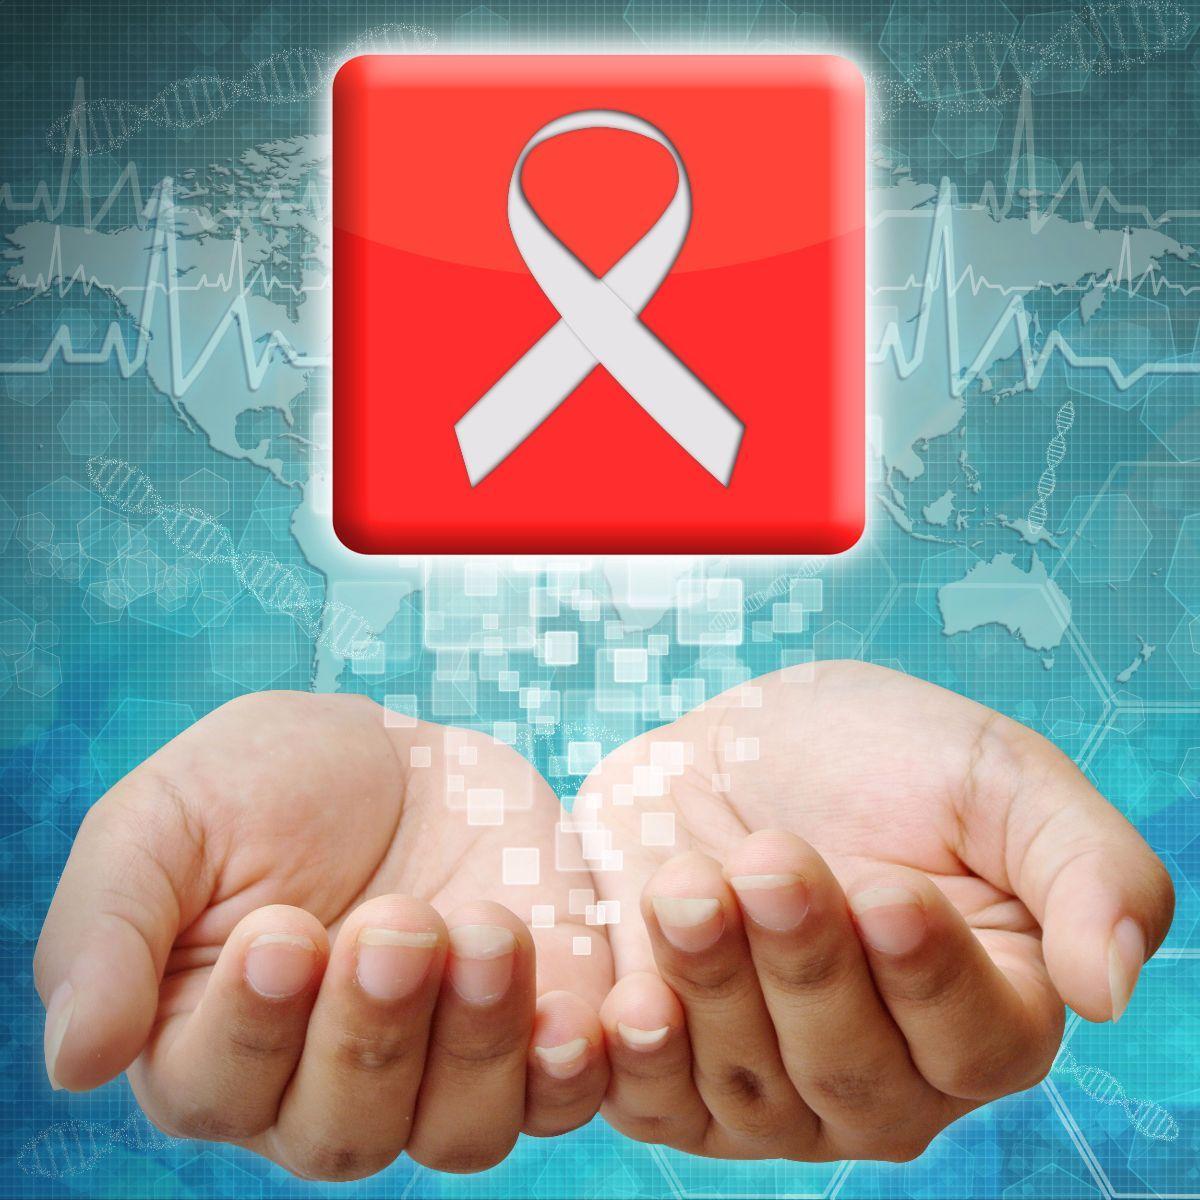 Urgen a intensificar drásticamente esfuerzos contra sida para terminas con epidemia para 2030 - http://plenilunia.com/novedades-medicas/urgen-a-intensificar-drasticamente-esfuerzos-contra-sida-para-terminas-con-epidemia-para-2030/35710/